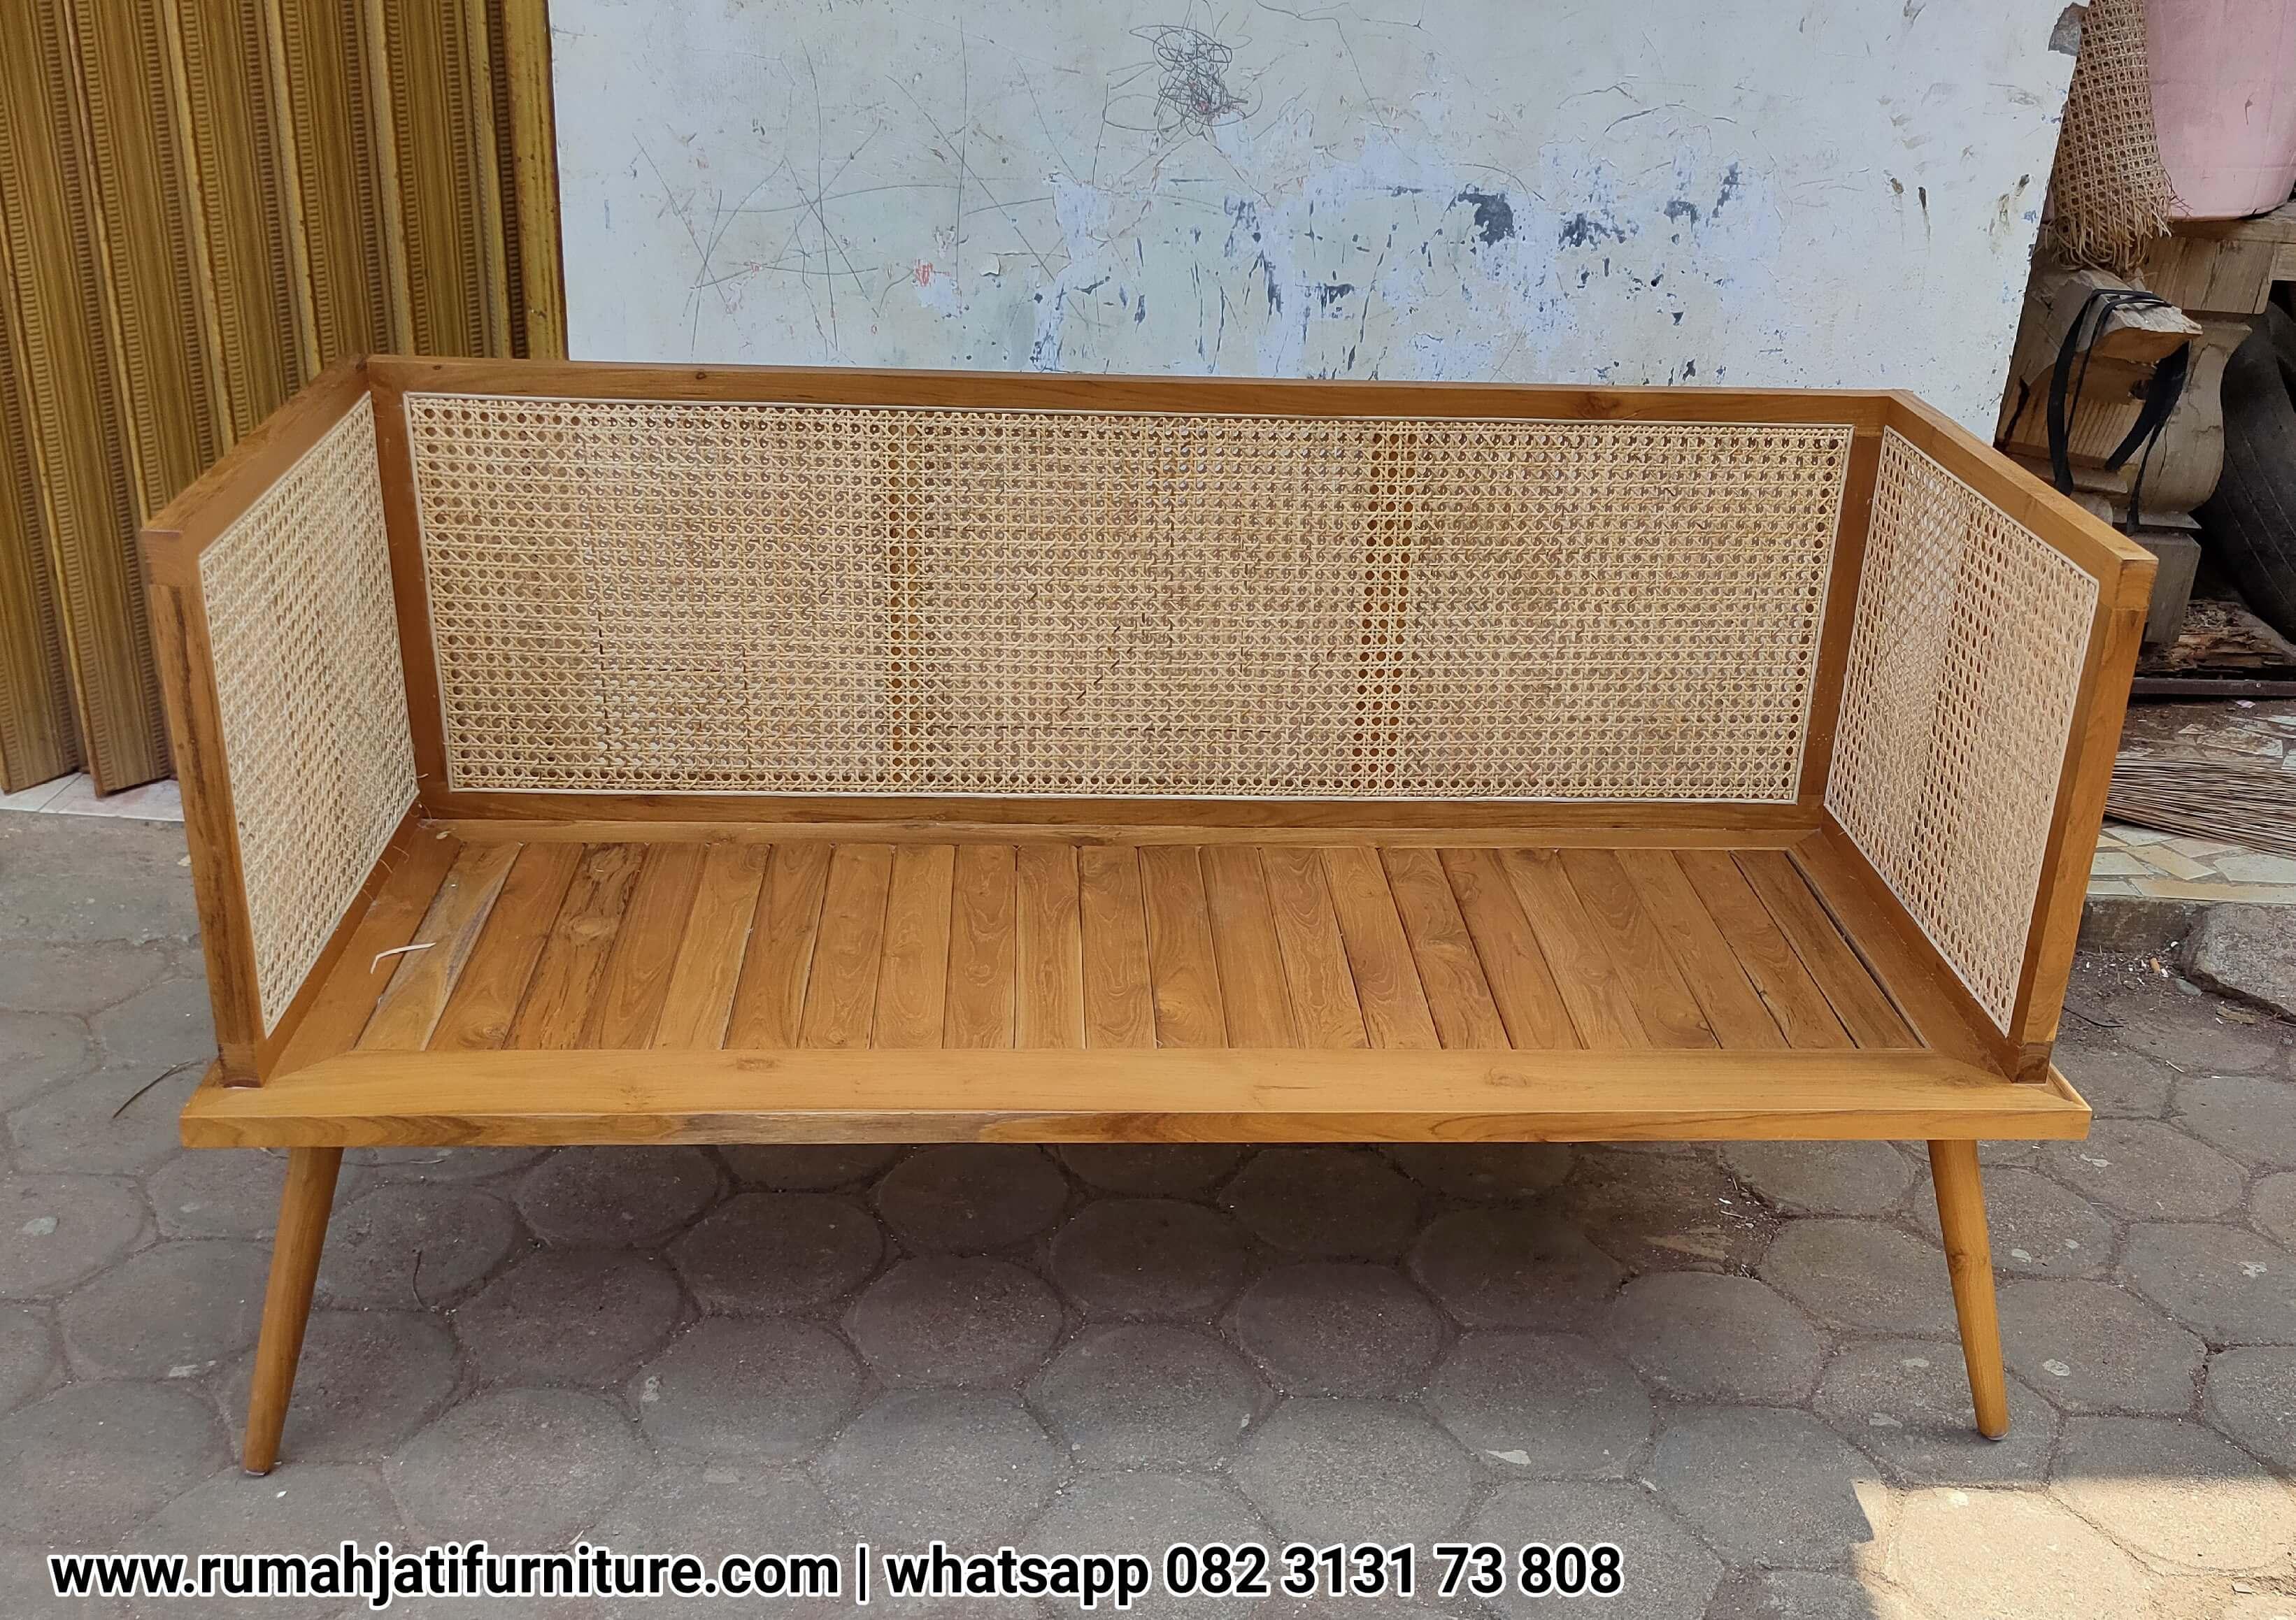 Gambar Sofa Rotan Kayu Jati | RUMAH JATI FURNITURE